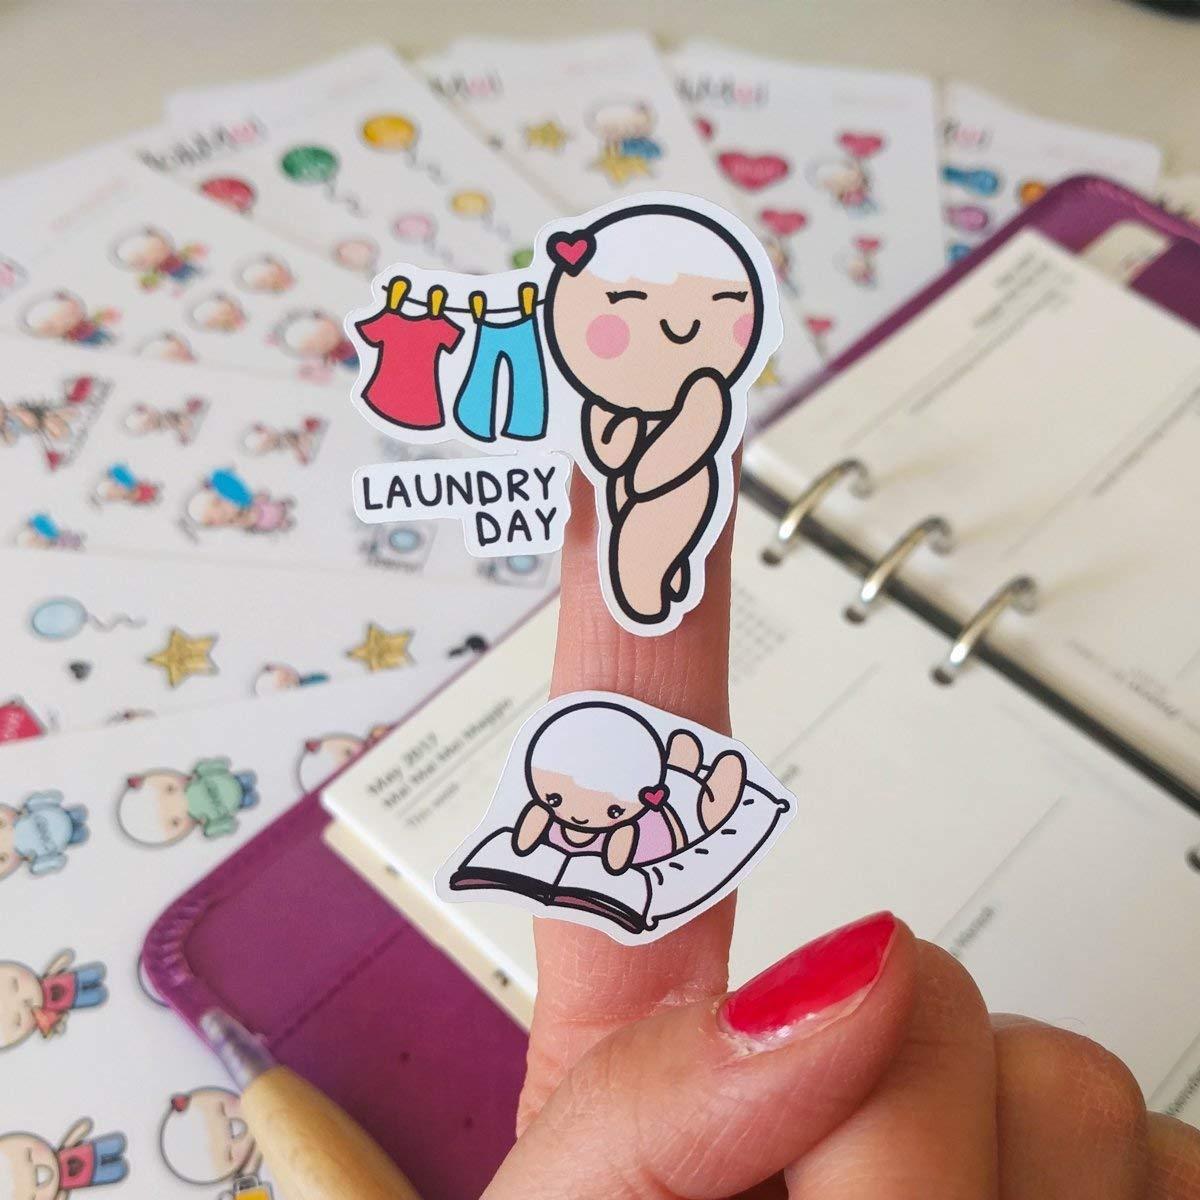 Starting Kit MIX PACK Small Kawaii Planner Stickers Fitness Motivational /& Funcional Plum Stickers Kikki Stickers Mood Filofax Stickers Erin Condren Stickers Stickers for Life Planner Sport